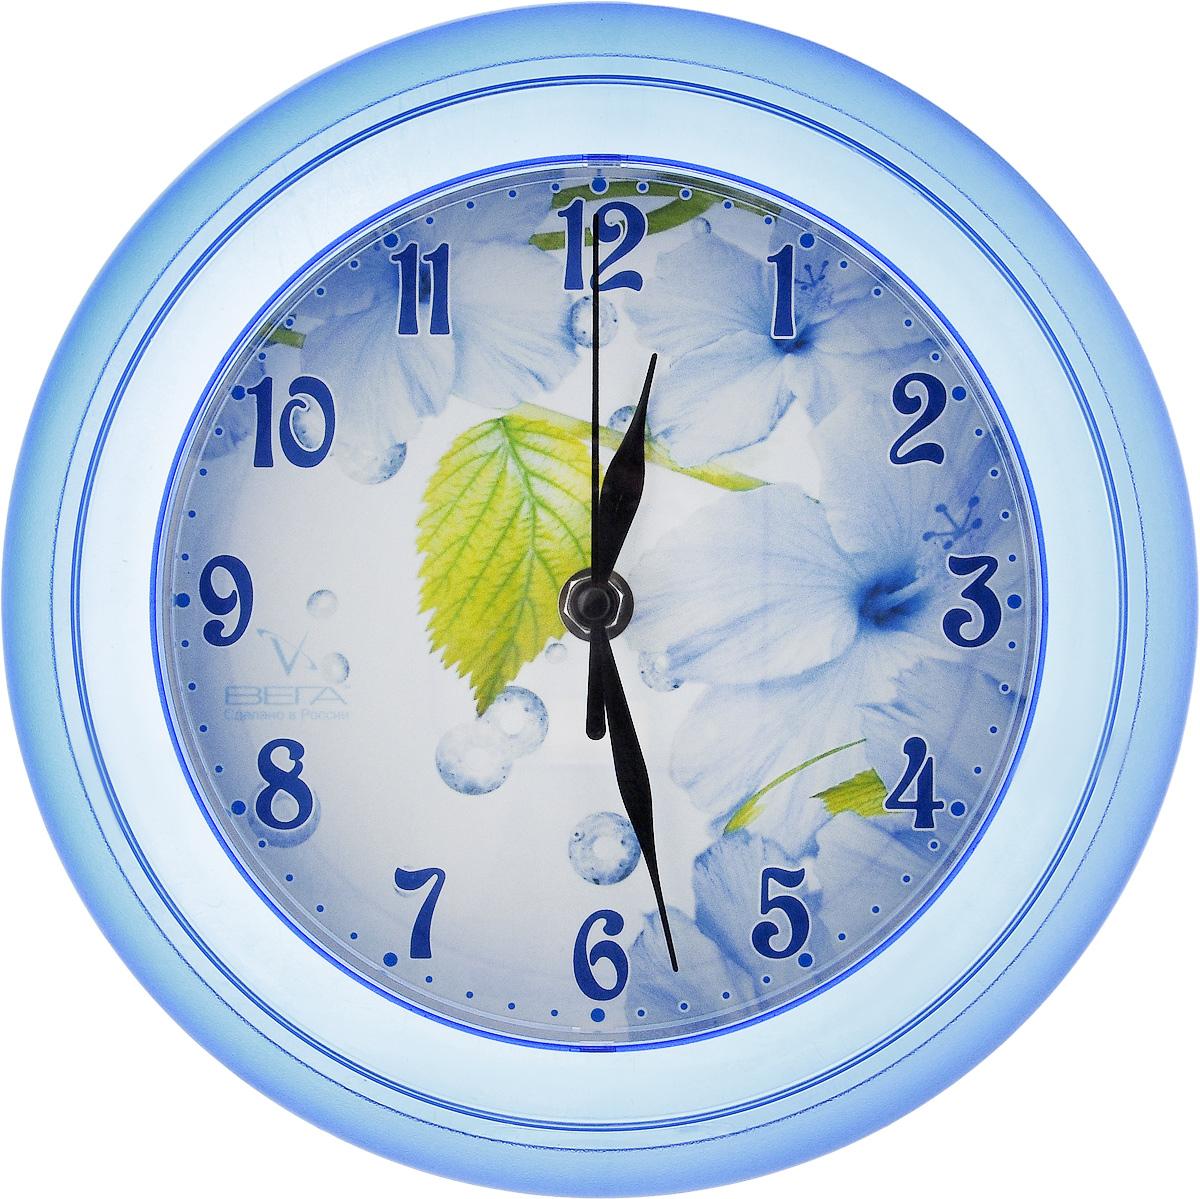 Часы настенные Вега Листок, диаметр 22,5 смП3-7-115Настенные кварцевые часы Вега Листок в классическом дизайне, изготовленные из пластика, прекрасно впишутся в интерьер вашего дома. Круглые часы имеют три стрелки: часовую, минутную и секундную, циферблат защищен прозрачным стеклом. Часы работают от 1 батарейки типа АА напряжением 1,5 В (не входит в комплект). Диаметр часов: 22,5 см.